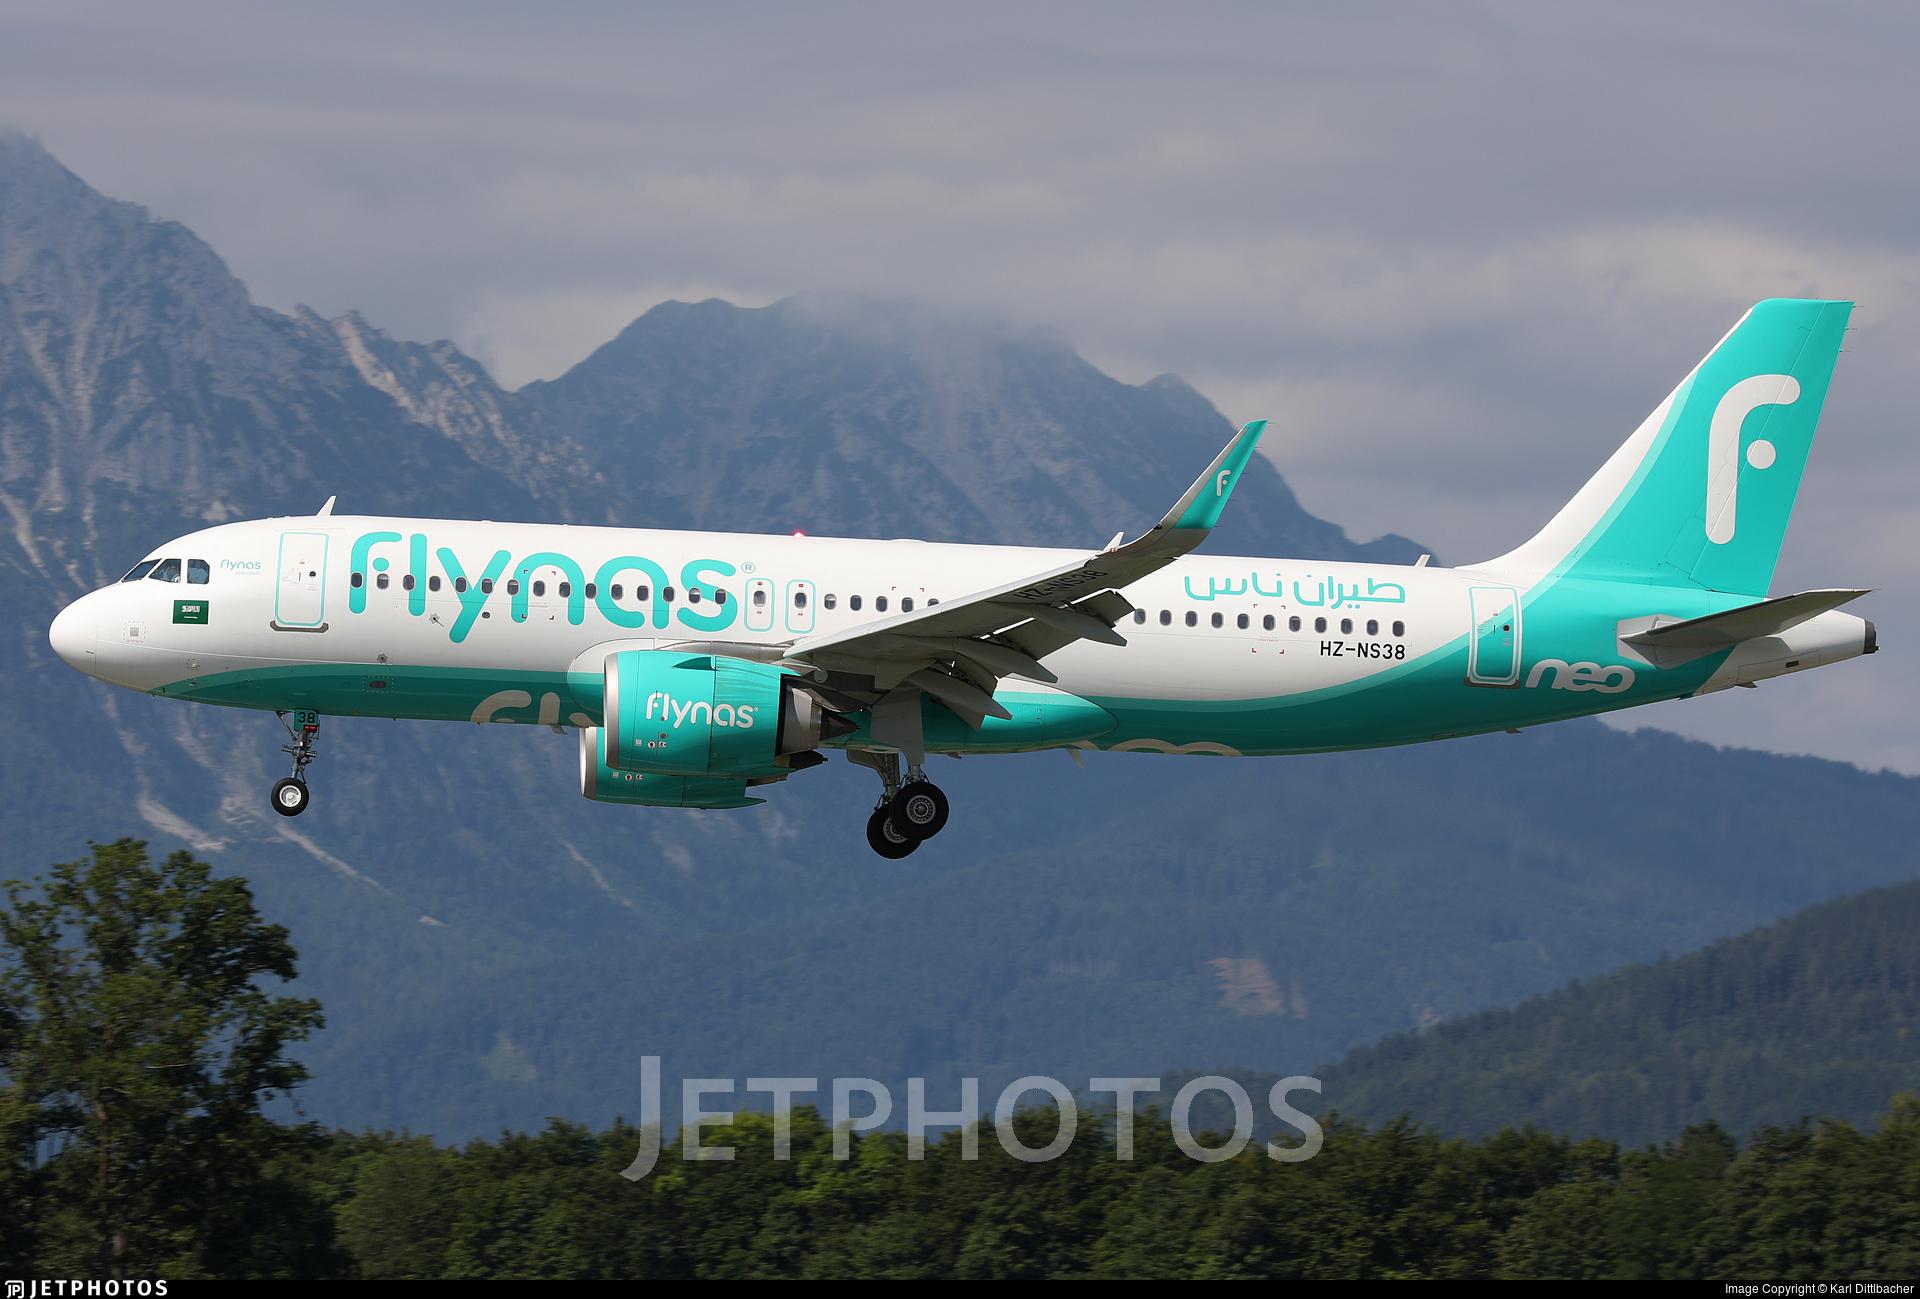 HZ-NS38 - Airbus A320-251N - Flynas